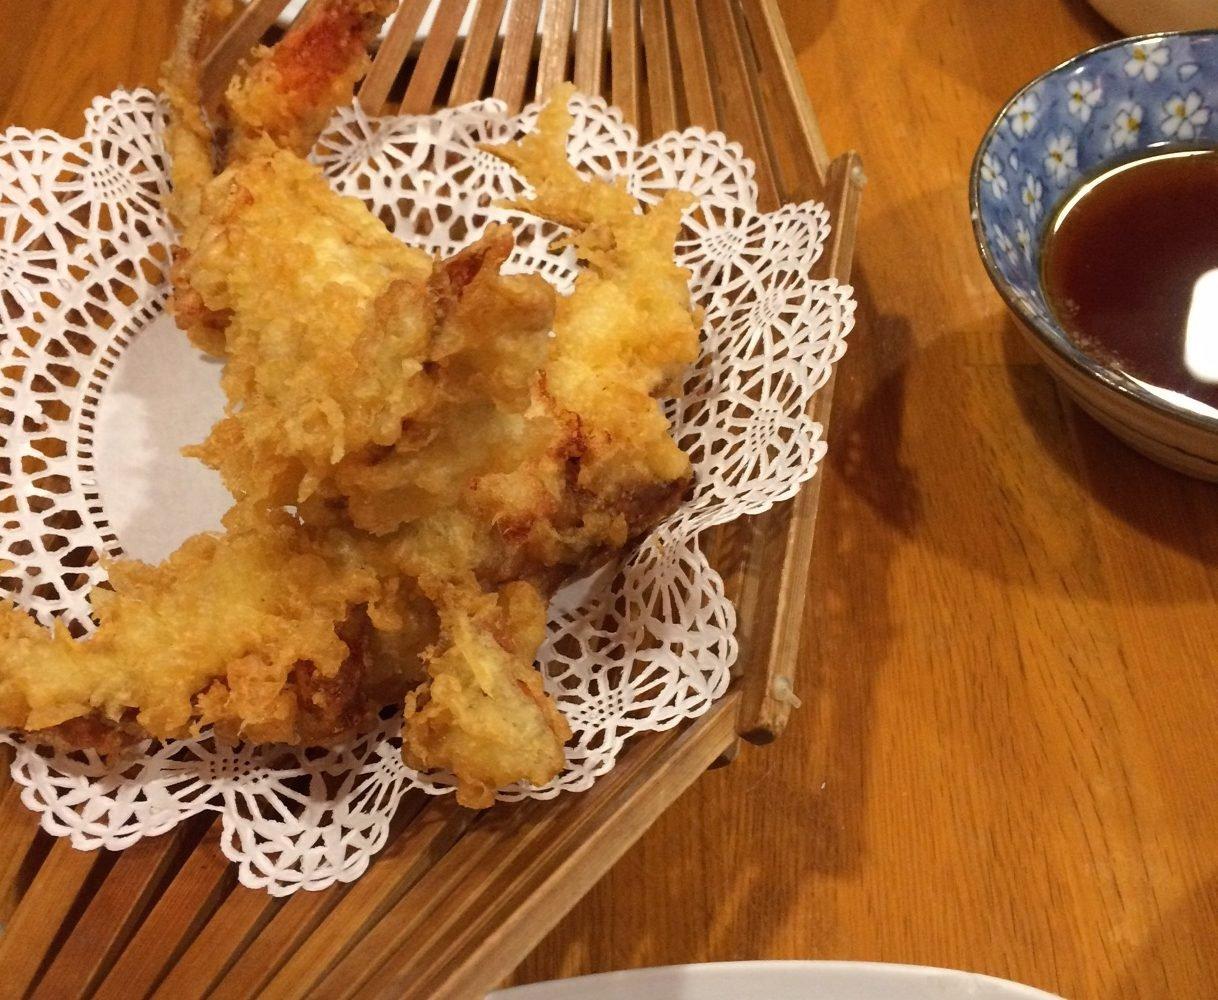 Cheap Eats 2017: Maneki Neko